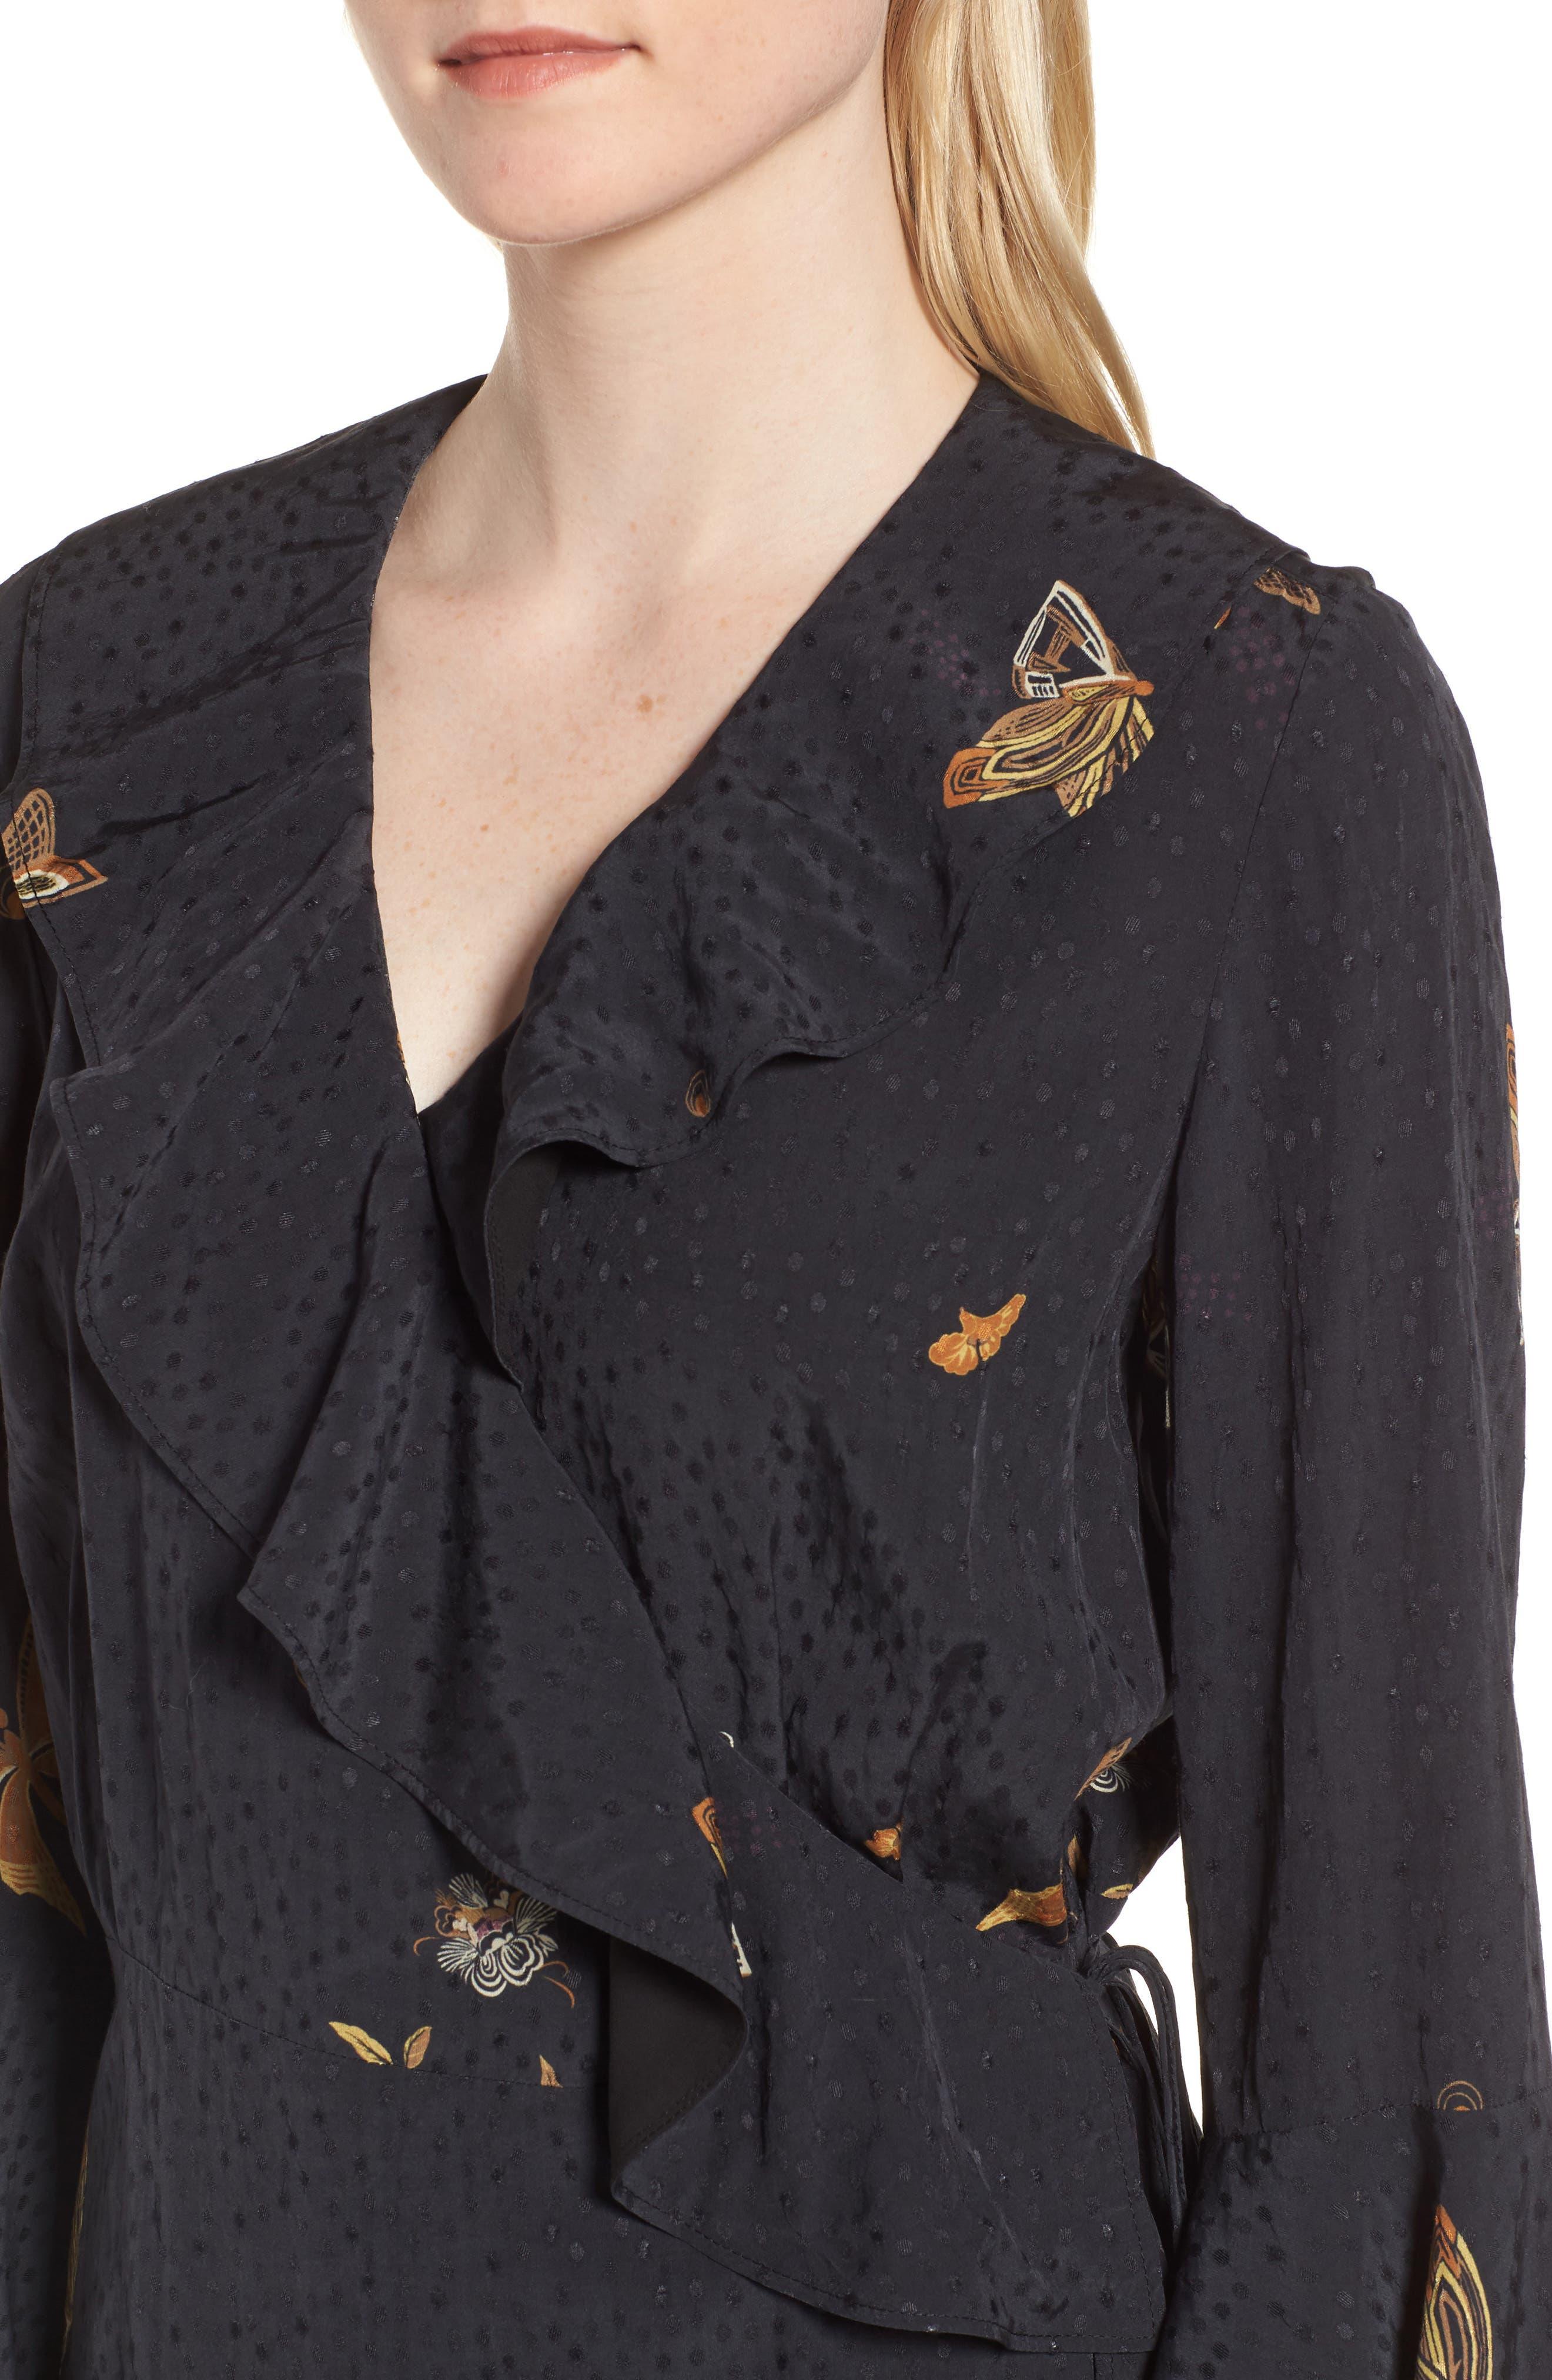 Jacquard Midi Wrap Dress,                             Alternate thumbnail 4, color,                             Black Decorative Scenery Print